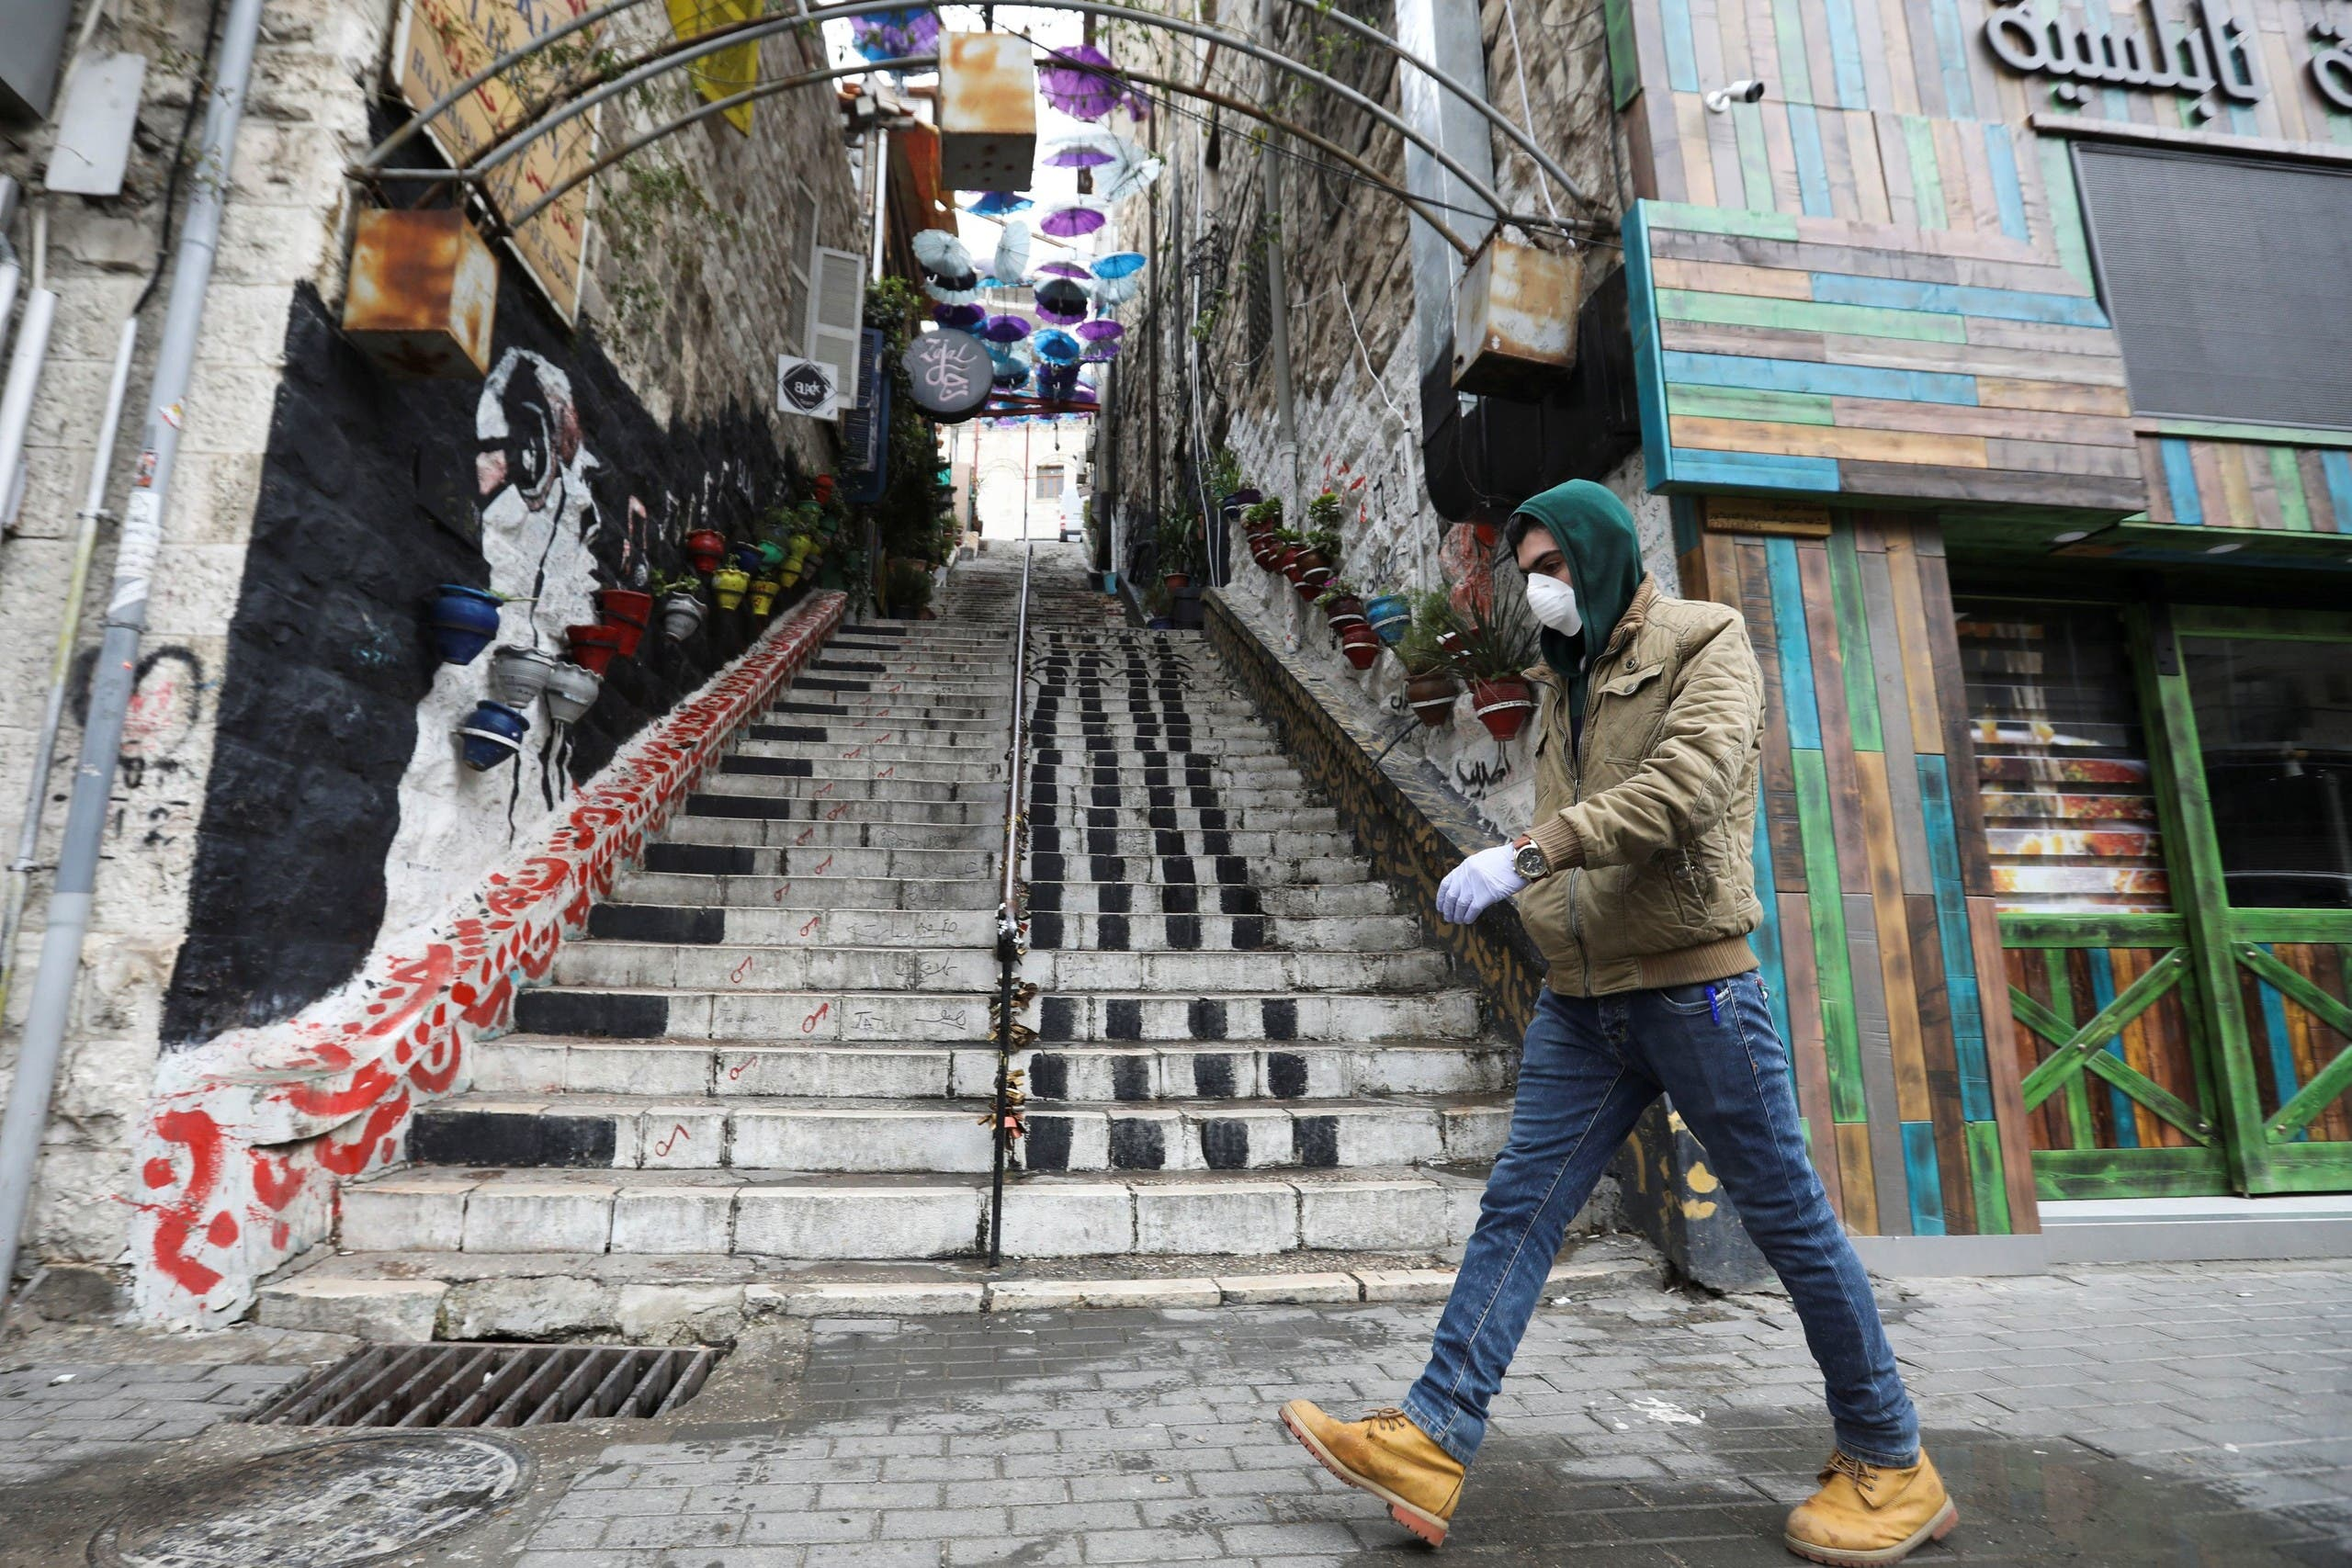 إجراءات تقييد الحركة في مواجهة كورونا في الأردن